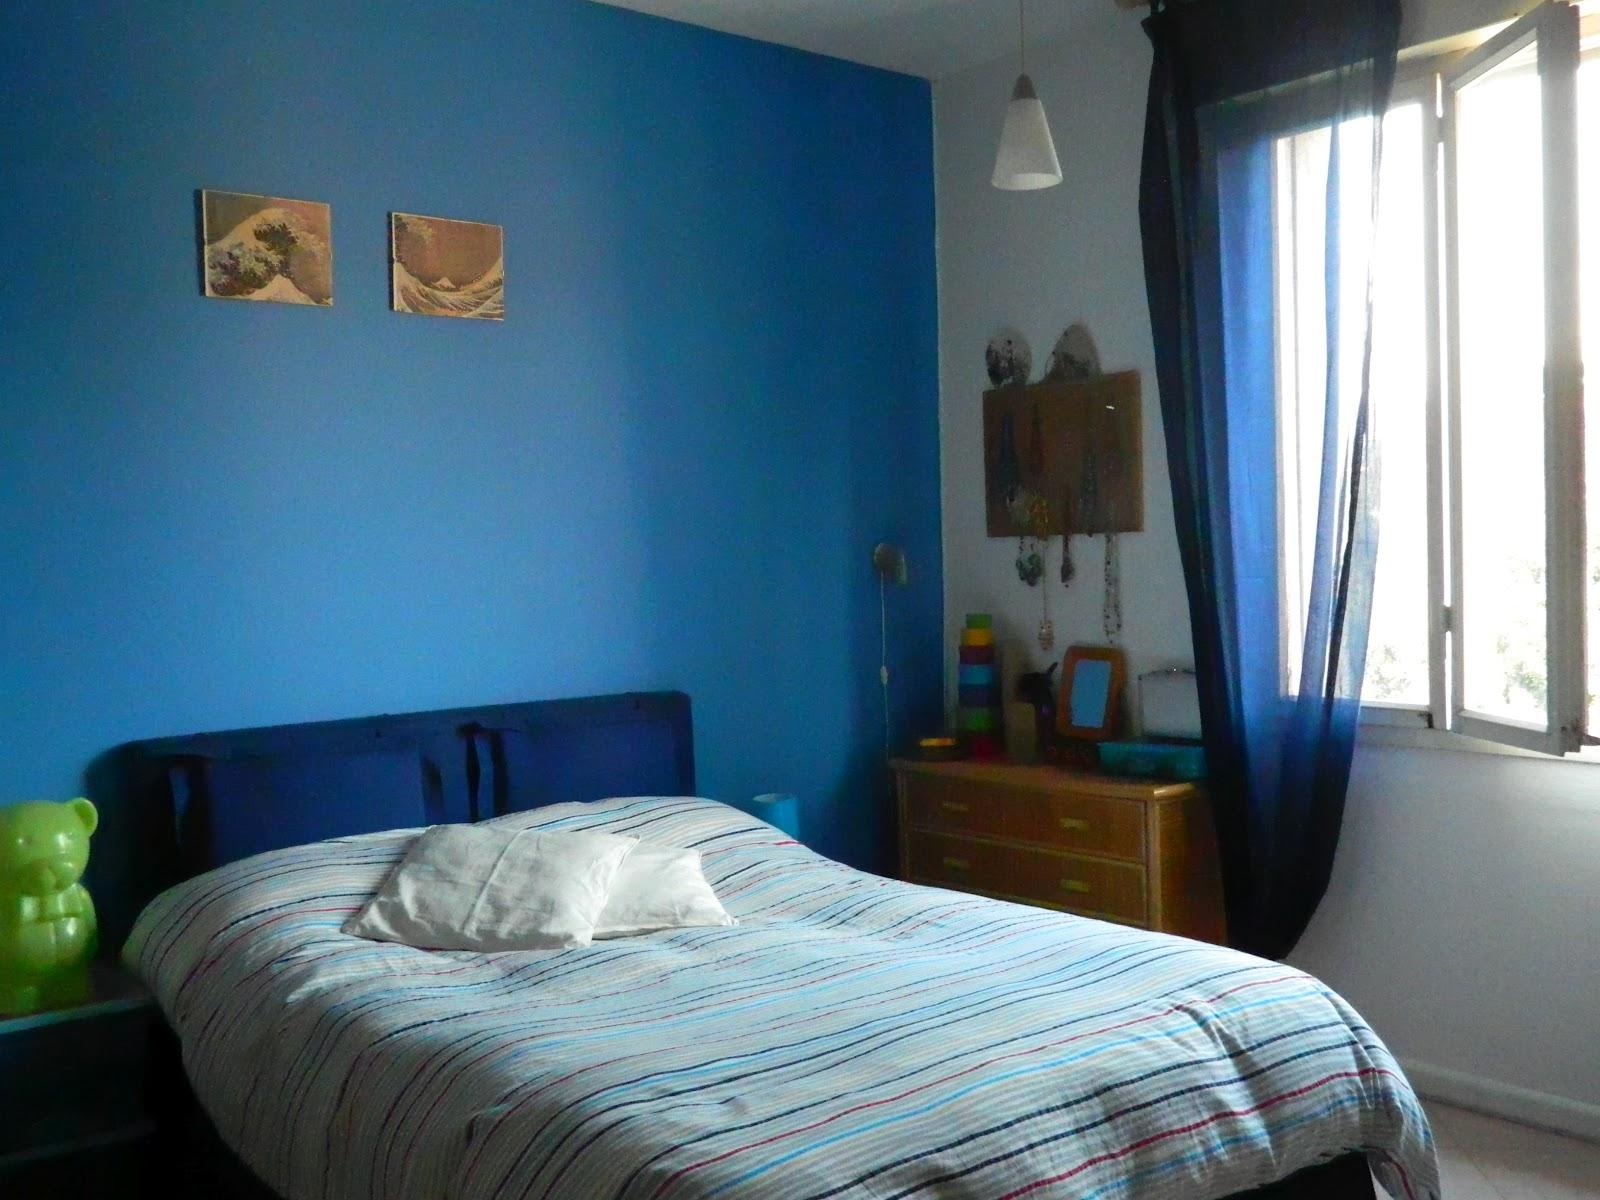 Colori per pareti camera da letto - Tinteggiatura pareti camera da letto ...